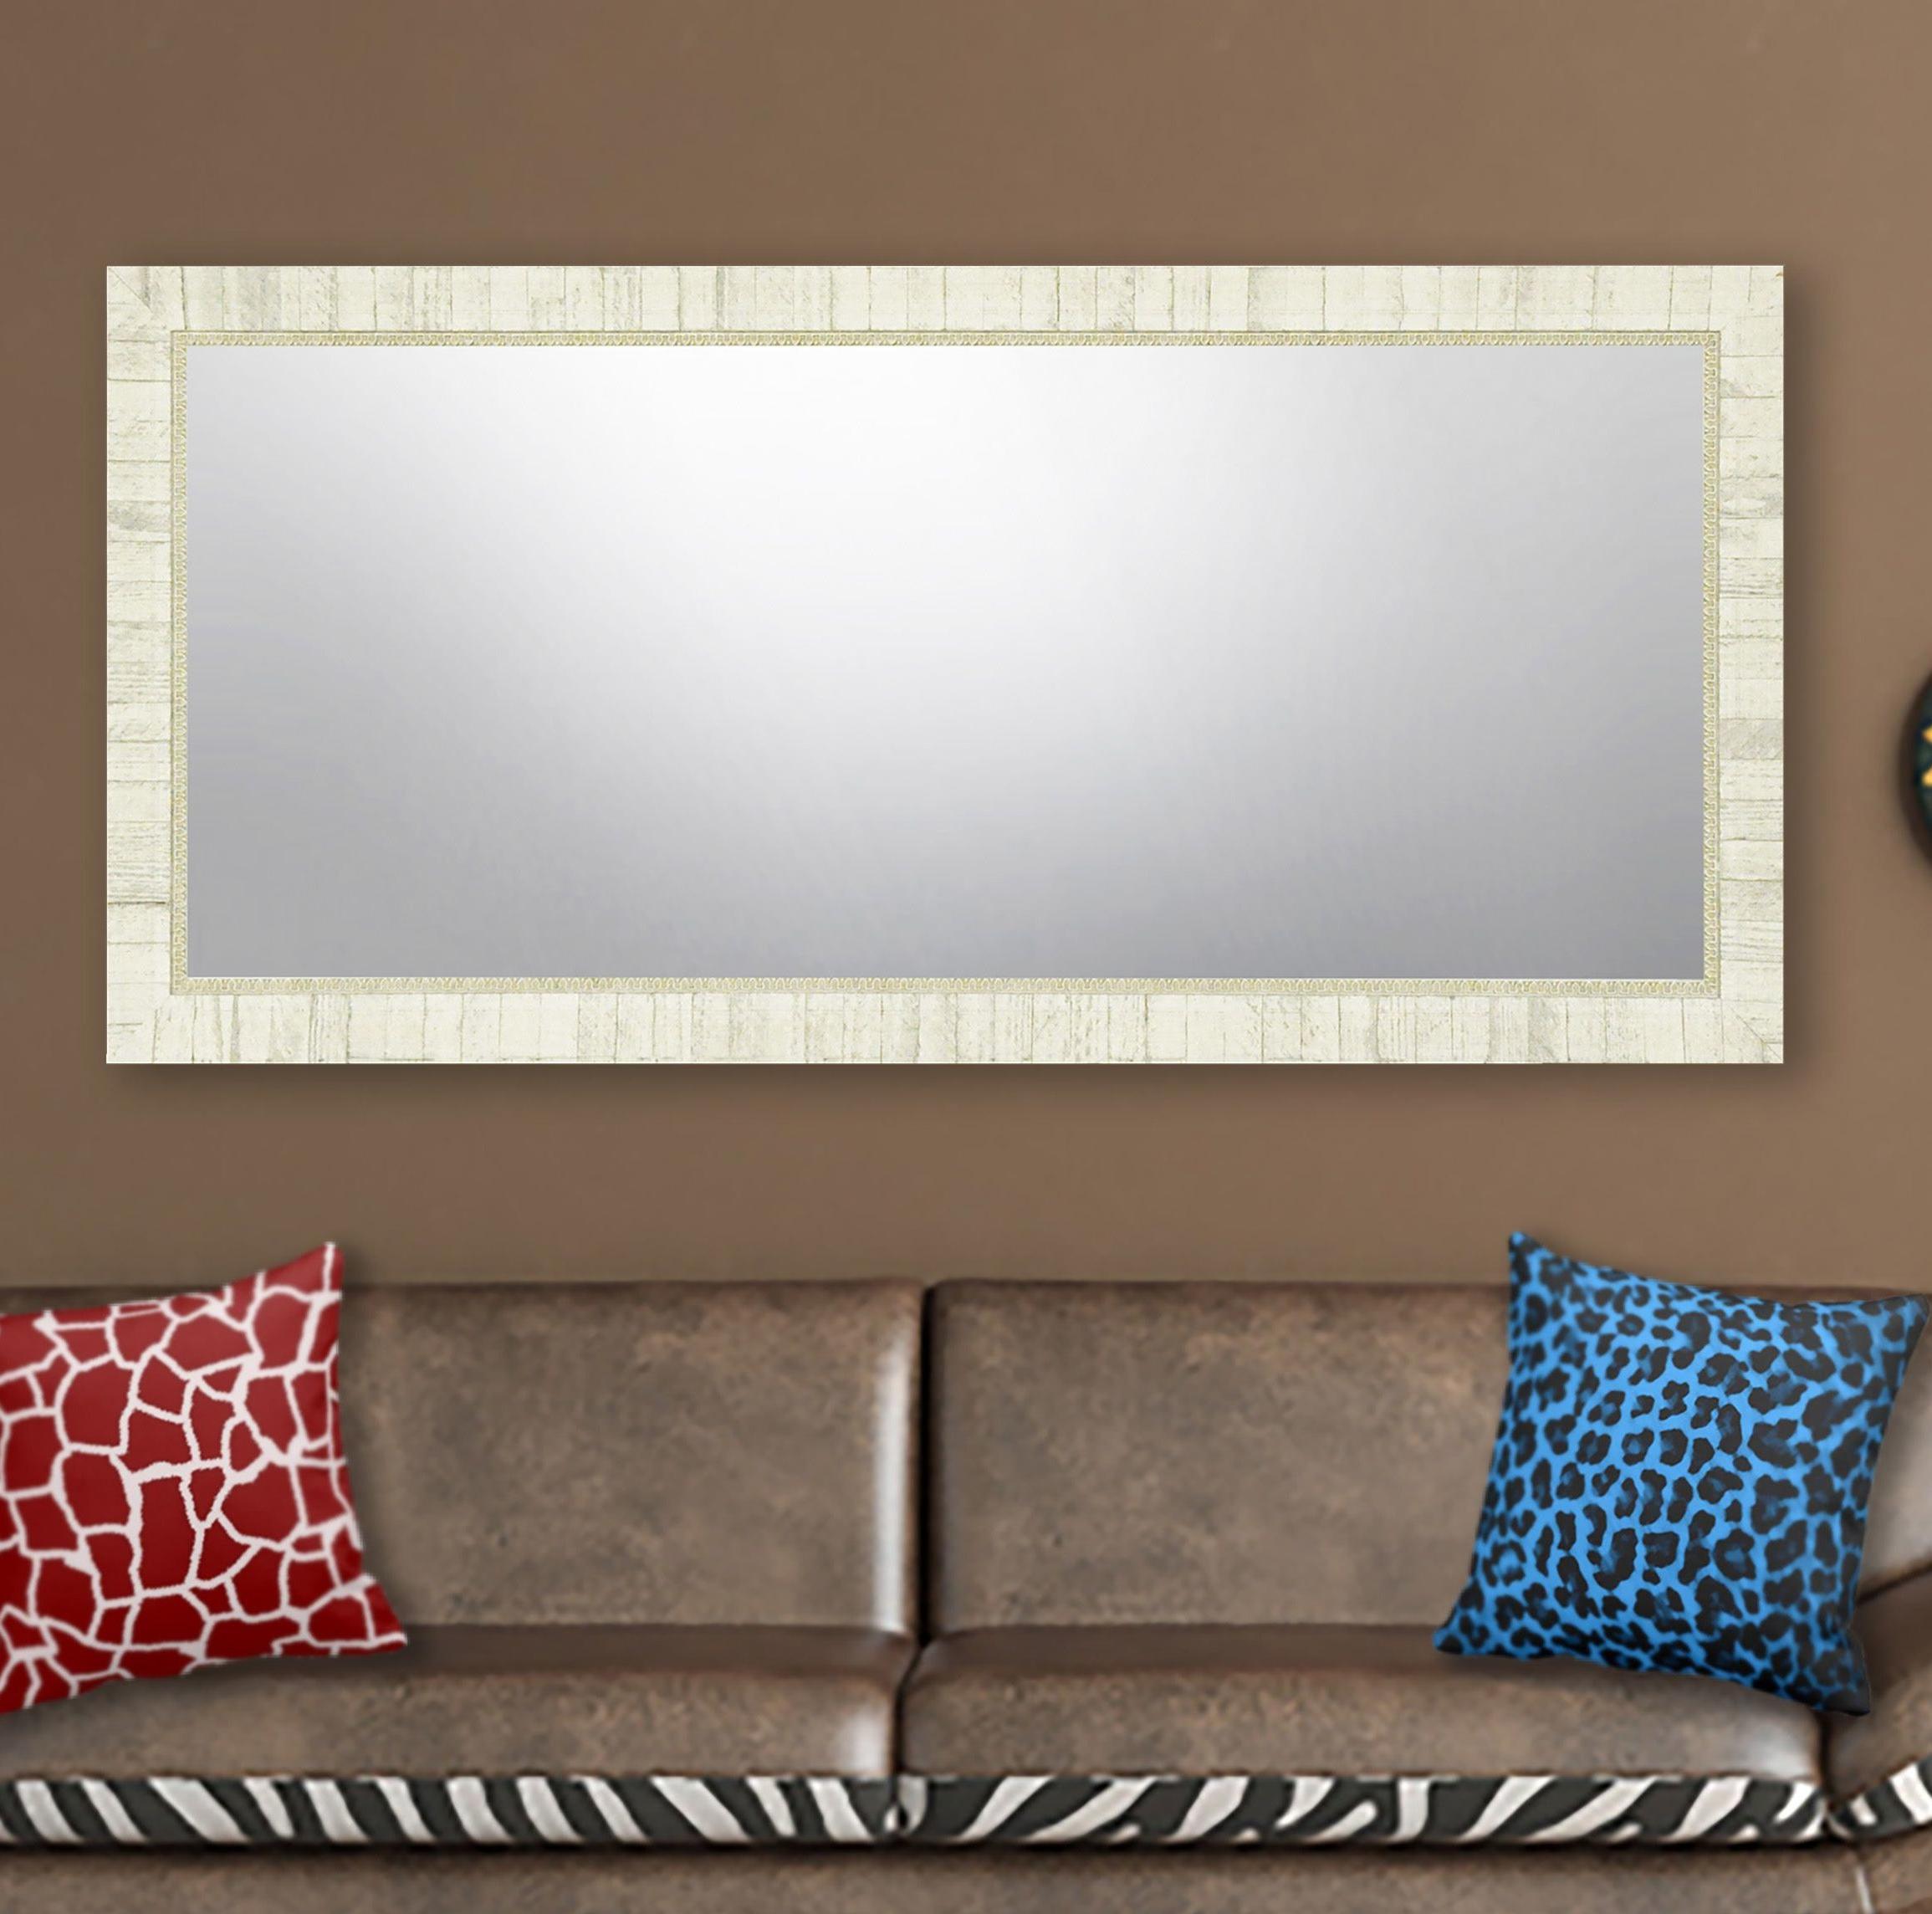 Trendy Landover Rustic Distressed Bathroom/vanity Mirrors In Distressed Bathroom Vanity Mirror – Home Decor Photos Gallery (View 19 of 20)